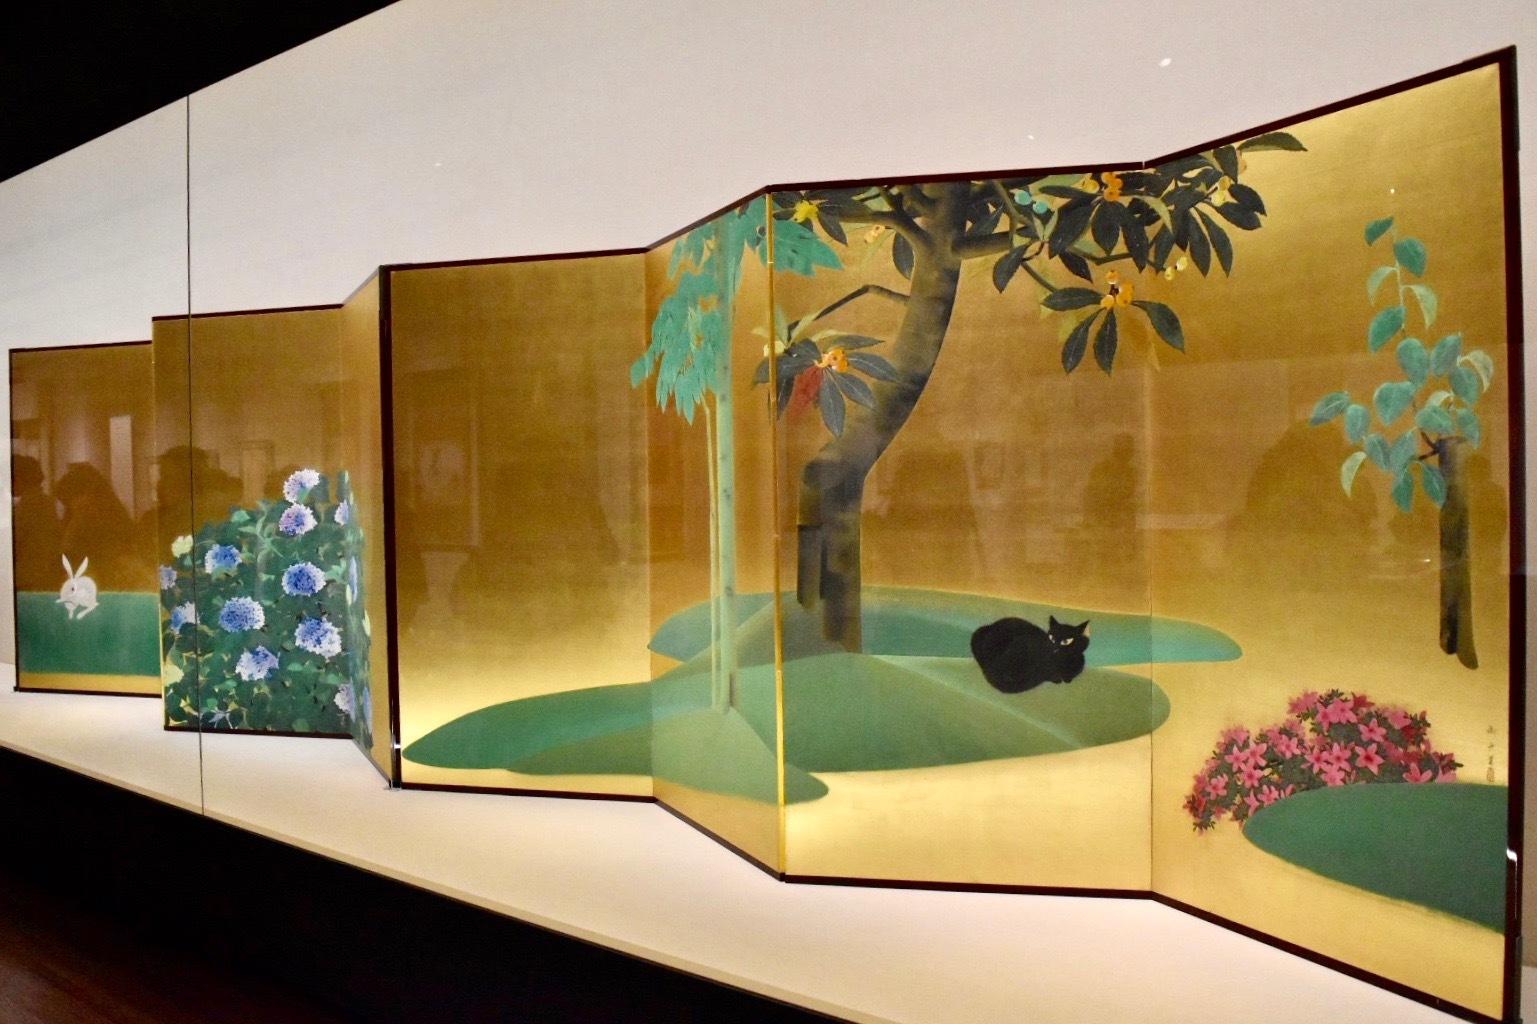 速水御舟 《翠苔緑芝》 昭和3年 山種美術館蔵